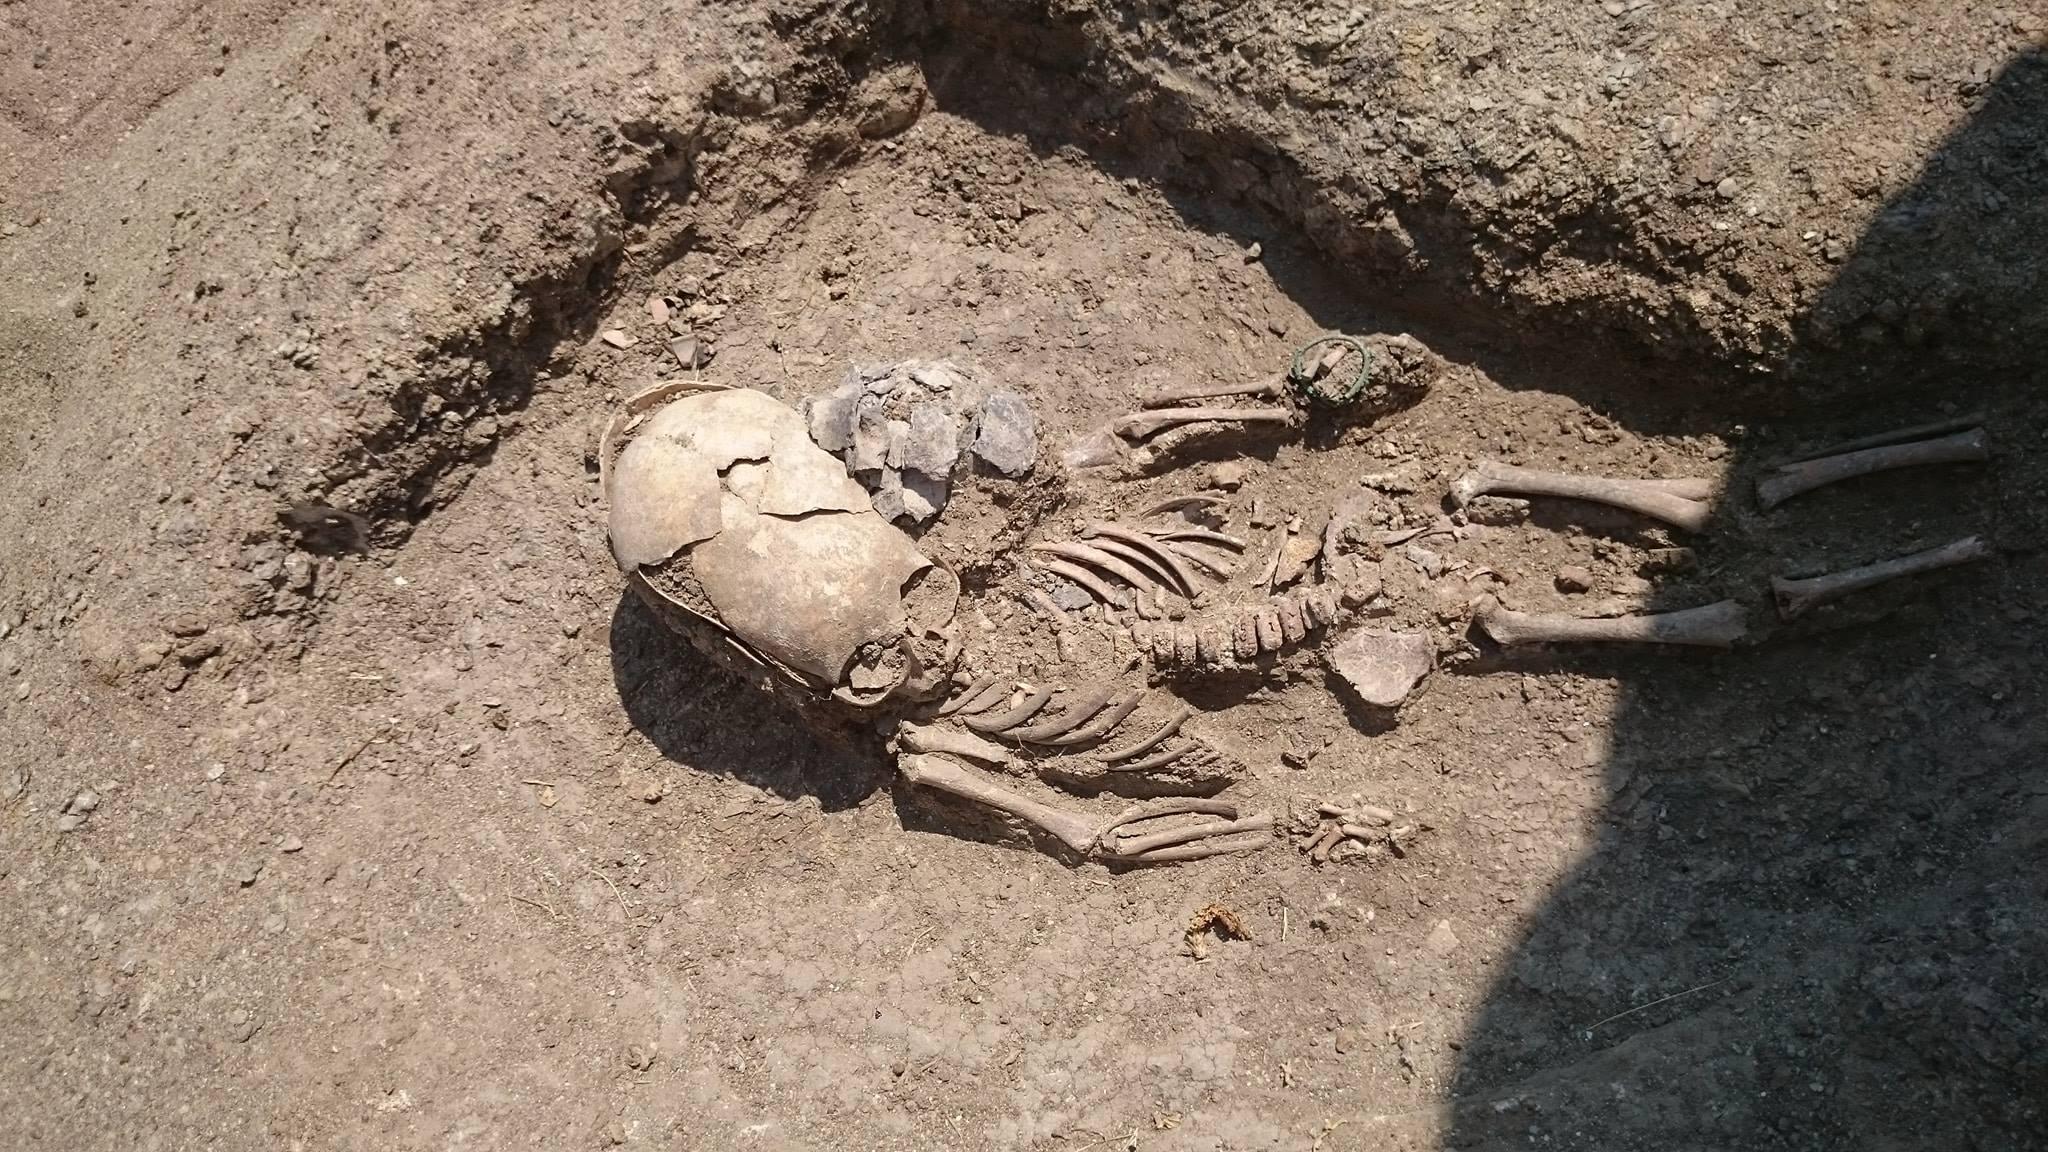 """Из интересных находок на некрполе Кыз-Аул. Захоронение младенца II века н.э. Его необычность заключается в том, что у погребенного по варварской традиции был сильно деформирован череп. Это захоронение сразу окрестили «могилой инопланетянина». Рядом со скелетом был найден сопутствующий материал, состоявший из лепного сосуда, находящегося рядом с головой погребенного, мелких бусин, пастового стекла и браслета медного сплава одетого на правую руку. Само захоронение было произведено в грунтовой могиле без плитного перекрытия. Погребенный лежал головой на восток. По мнению антрополога это был мальчик, и на момент смерти ему было не более 1.5 года. На это указывает не заросшие на черепе роднички. Соответственно его голова подверглась деформации с практически сразу после рождения. В слое где был обнаружен «инопланетянин» встречаются захоронения от I века до н.э. по III век н.э. К этому же периоду относятся и монументальные каменные склепы, которые считают усыпальницами сарматизированной военной знати Боспорского царства. На некрополе Кыз-Аул обнаружено погребение «инопланетянина» The necropolis of Kyz-Aul found a burial """"alien"""""""